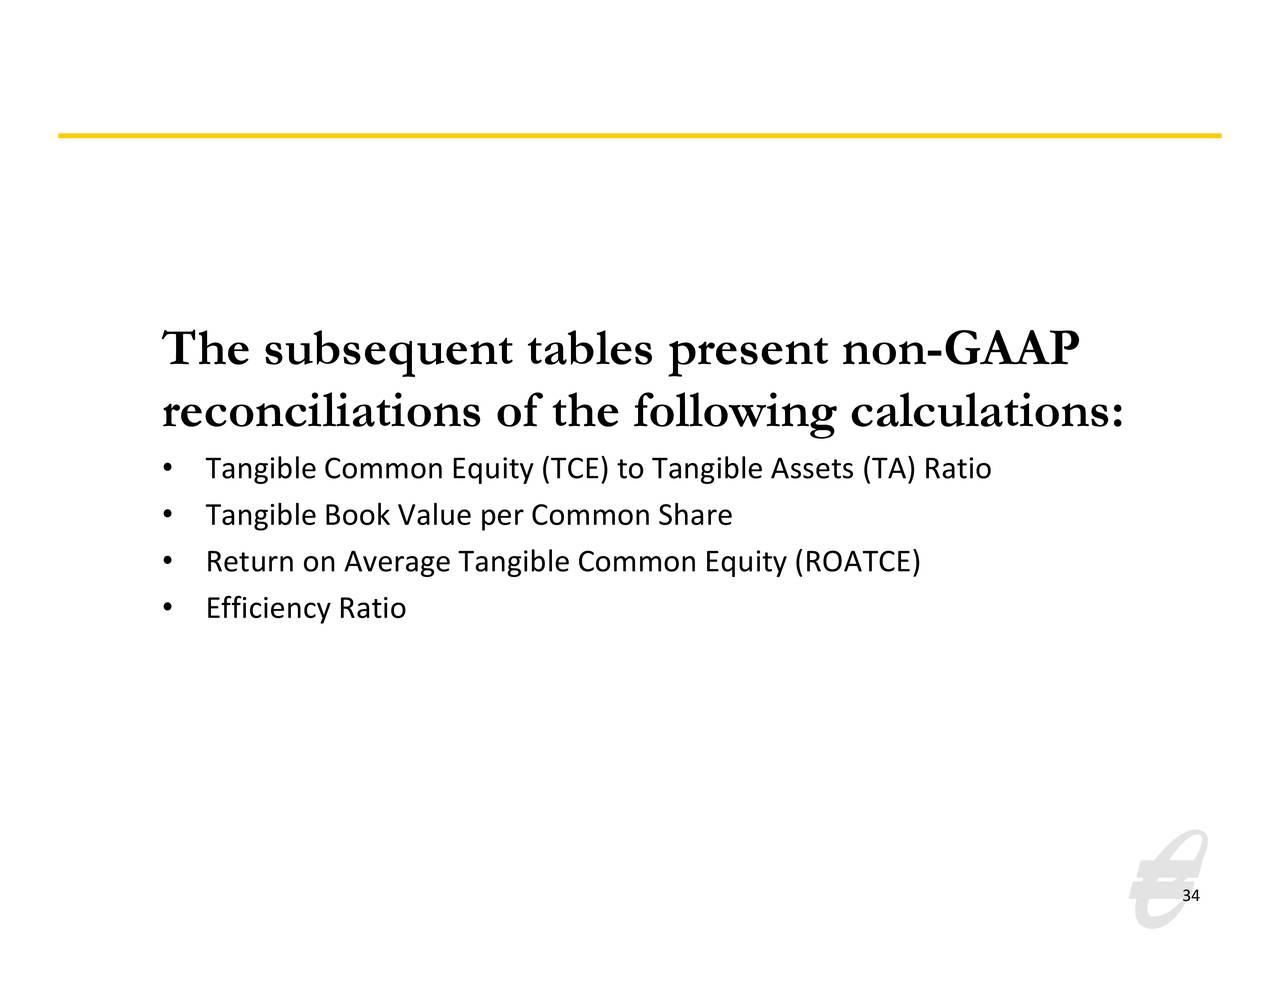 Las tablas siguientes presentan no GAAP